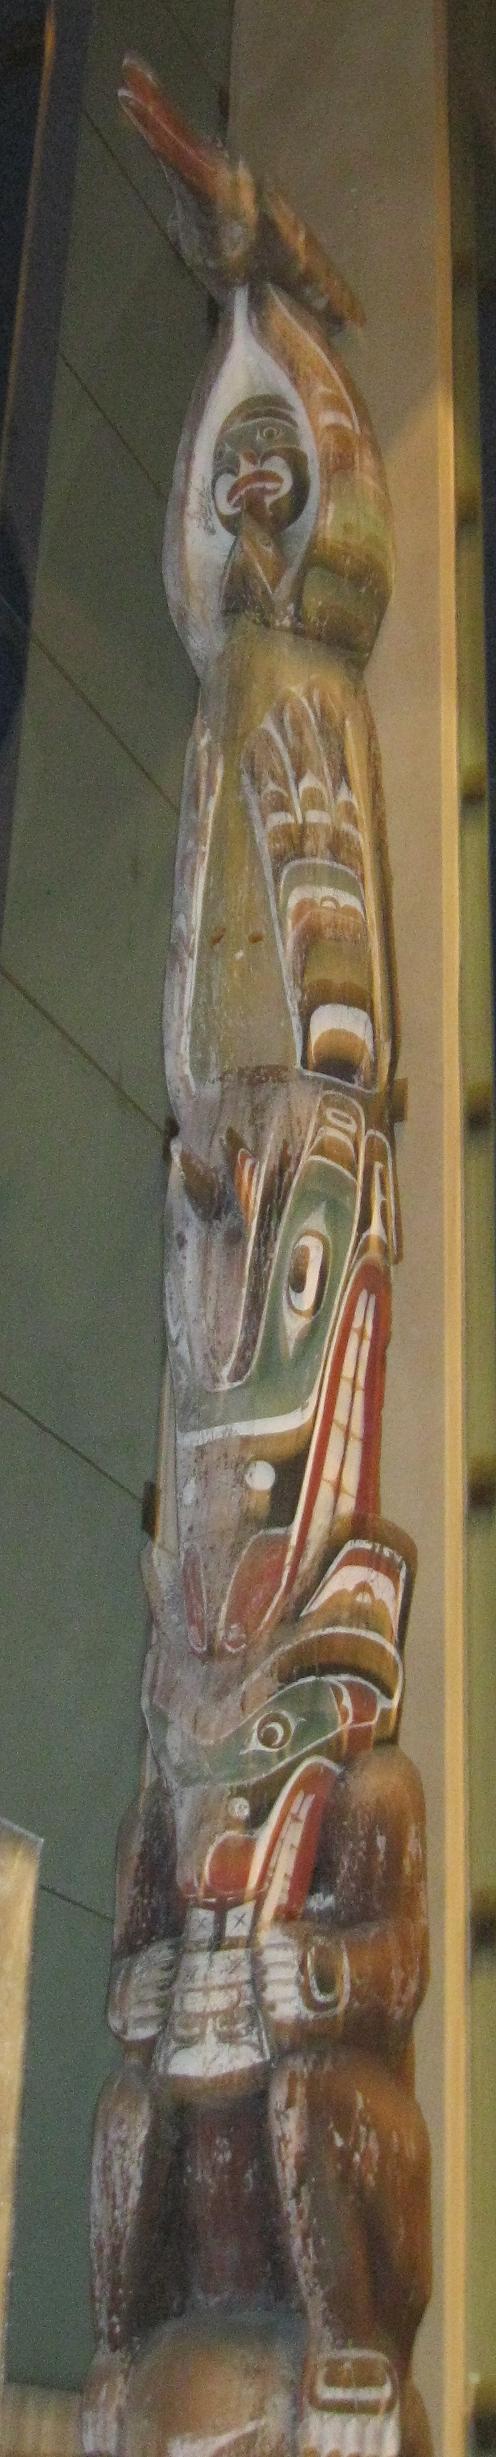 MOA Totem Pole